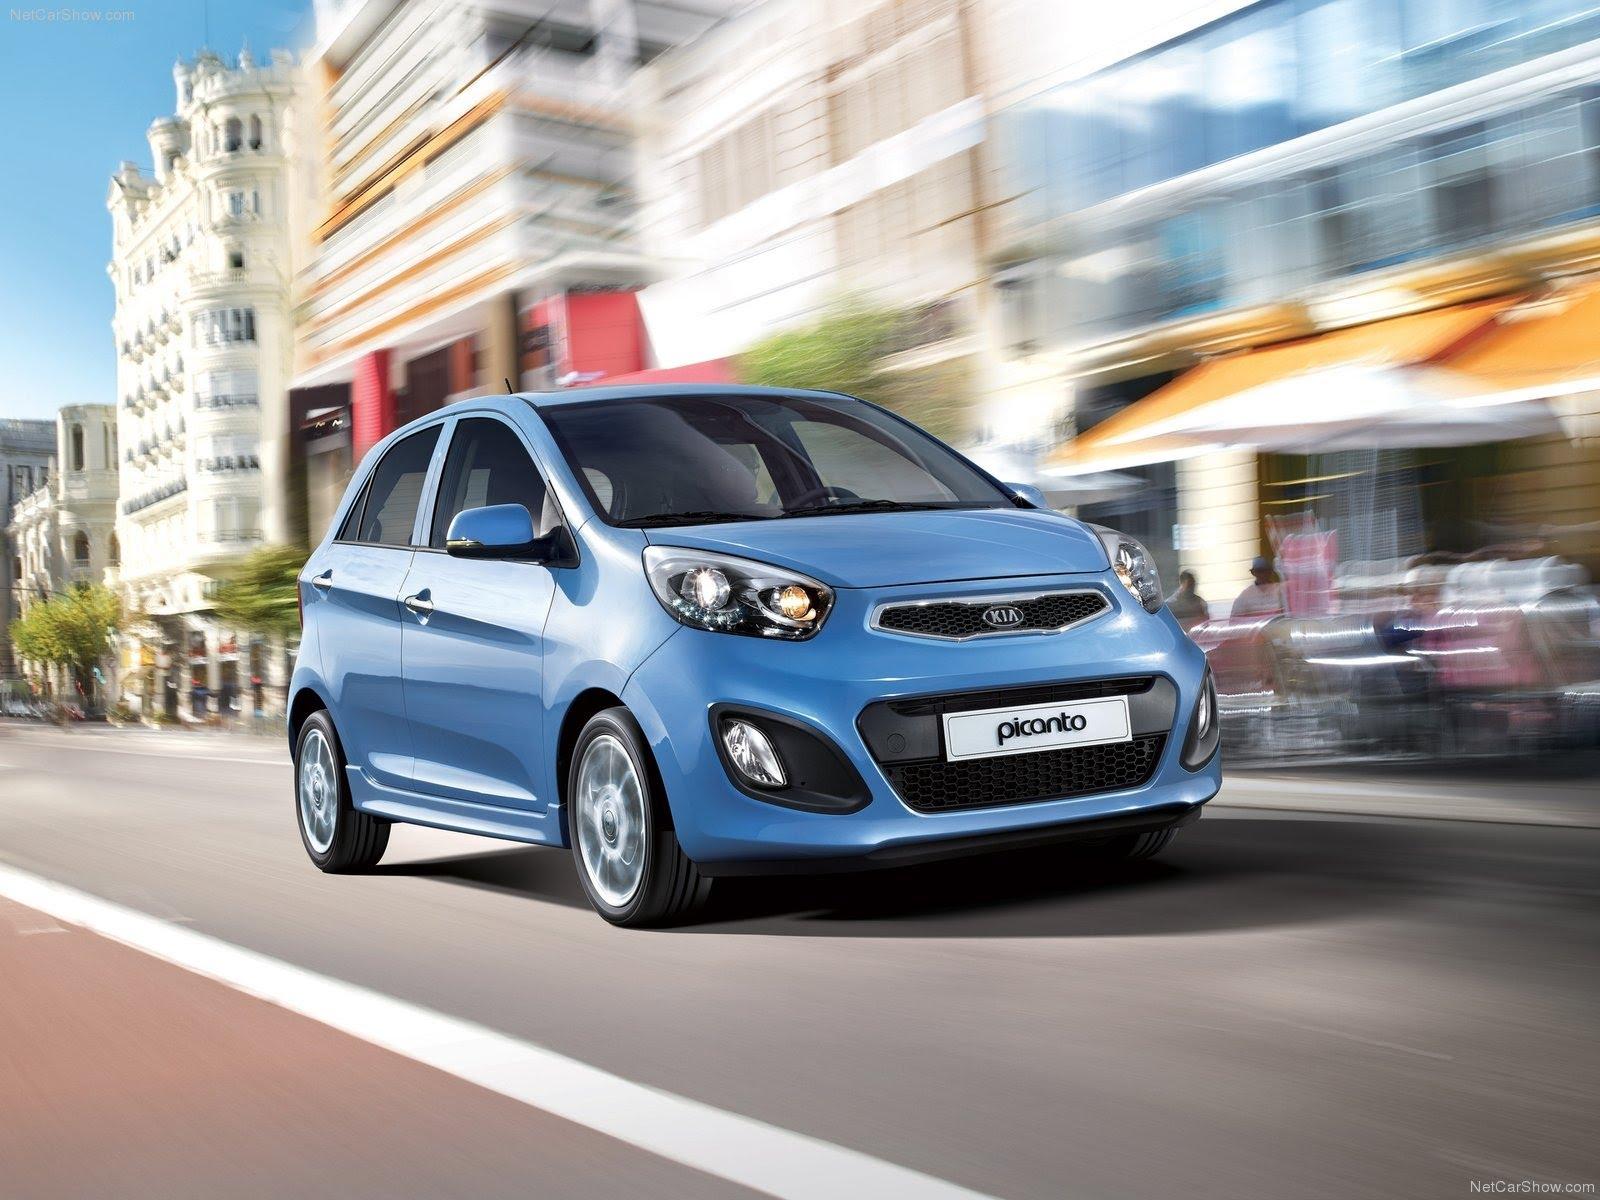 بالصور ارخص سيارة , ارخص نوع سيارة في العالم 568 13